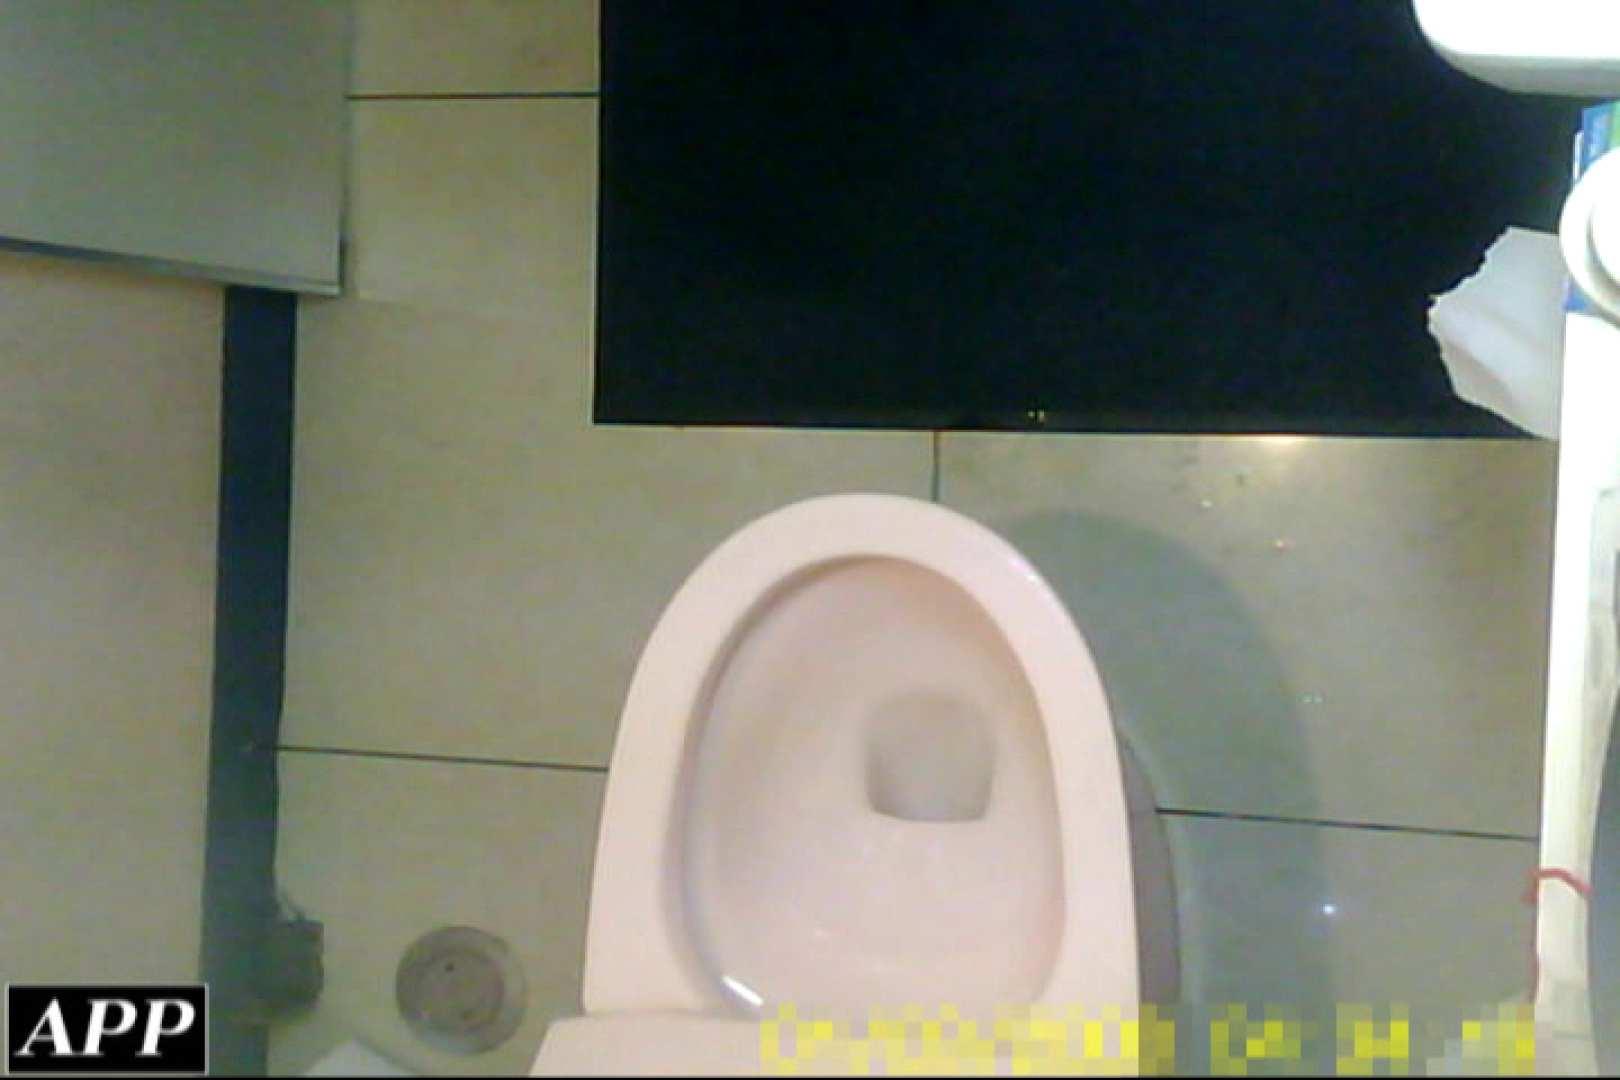 3視点洗面所 vol.119 オマンコもろ AV無料動画キャプチャ 87PIX 39